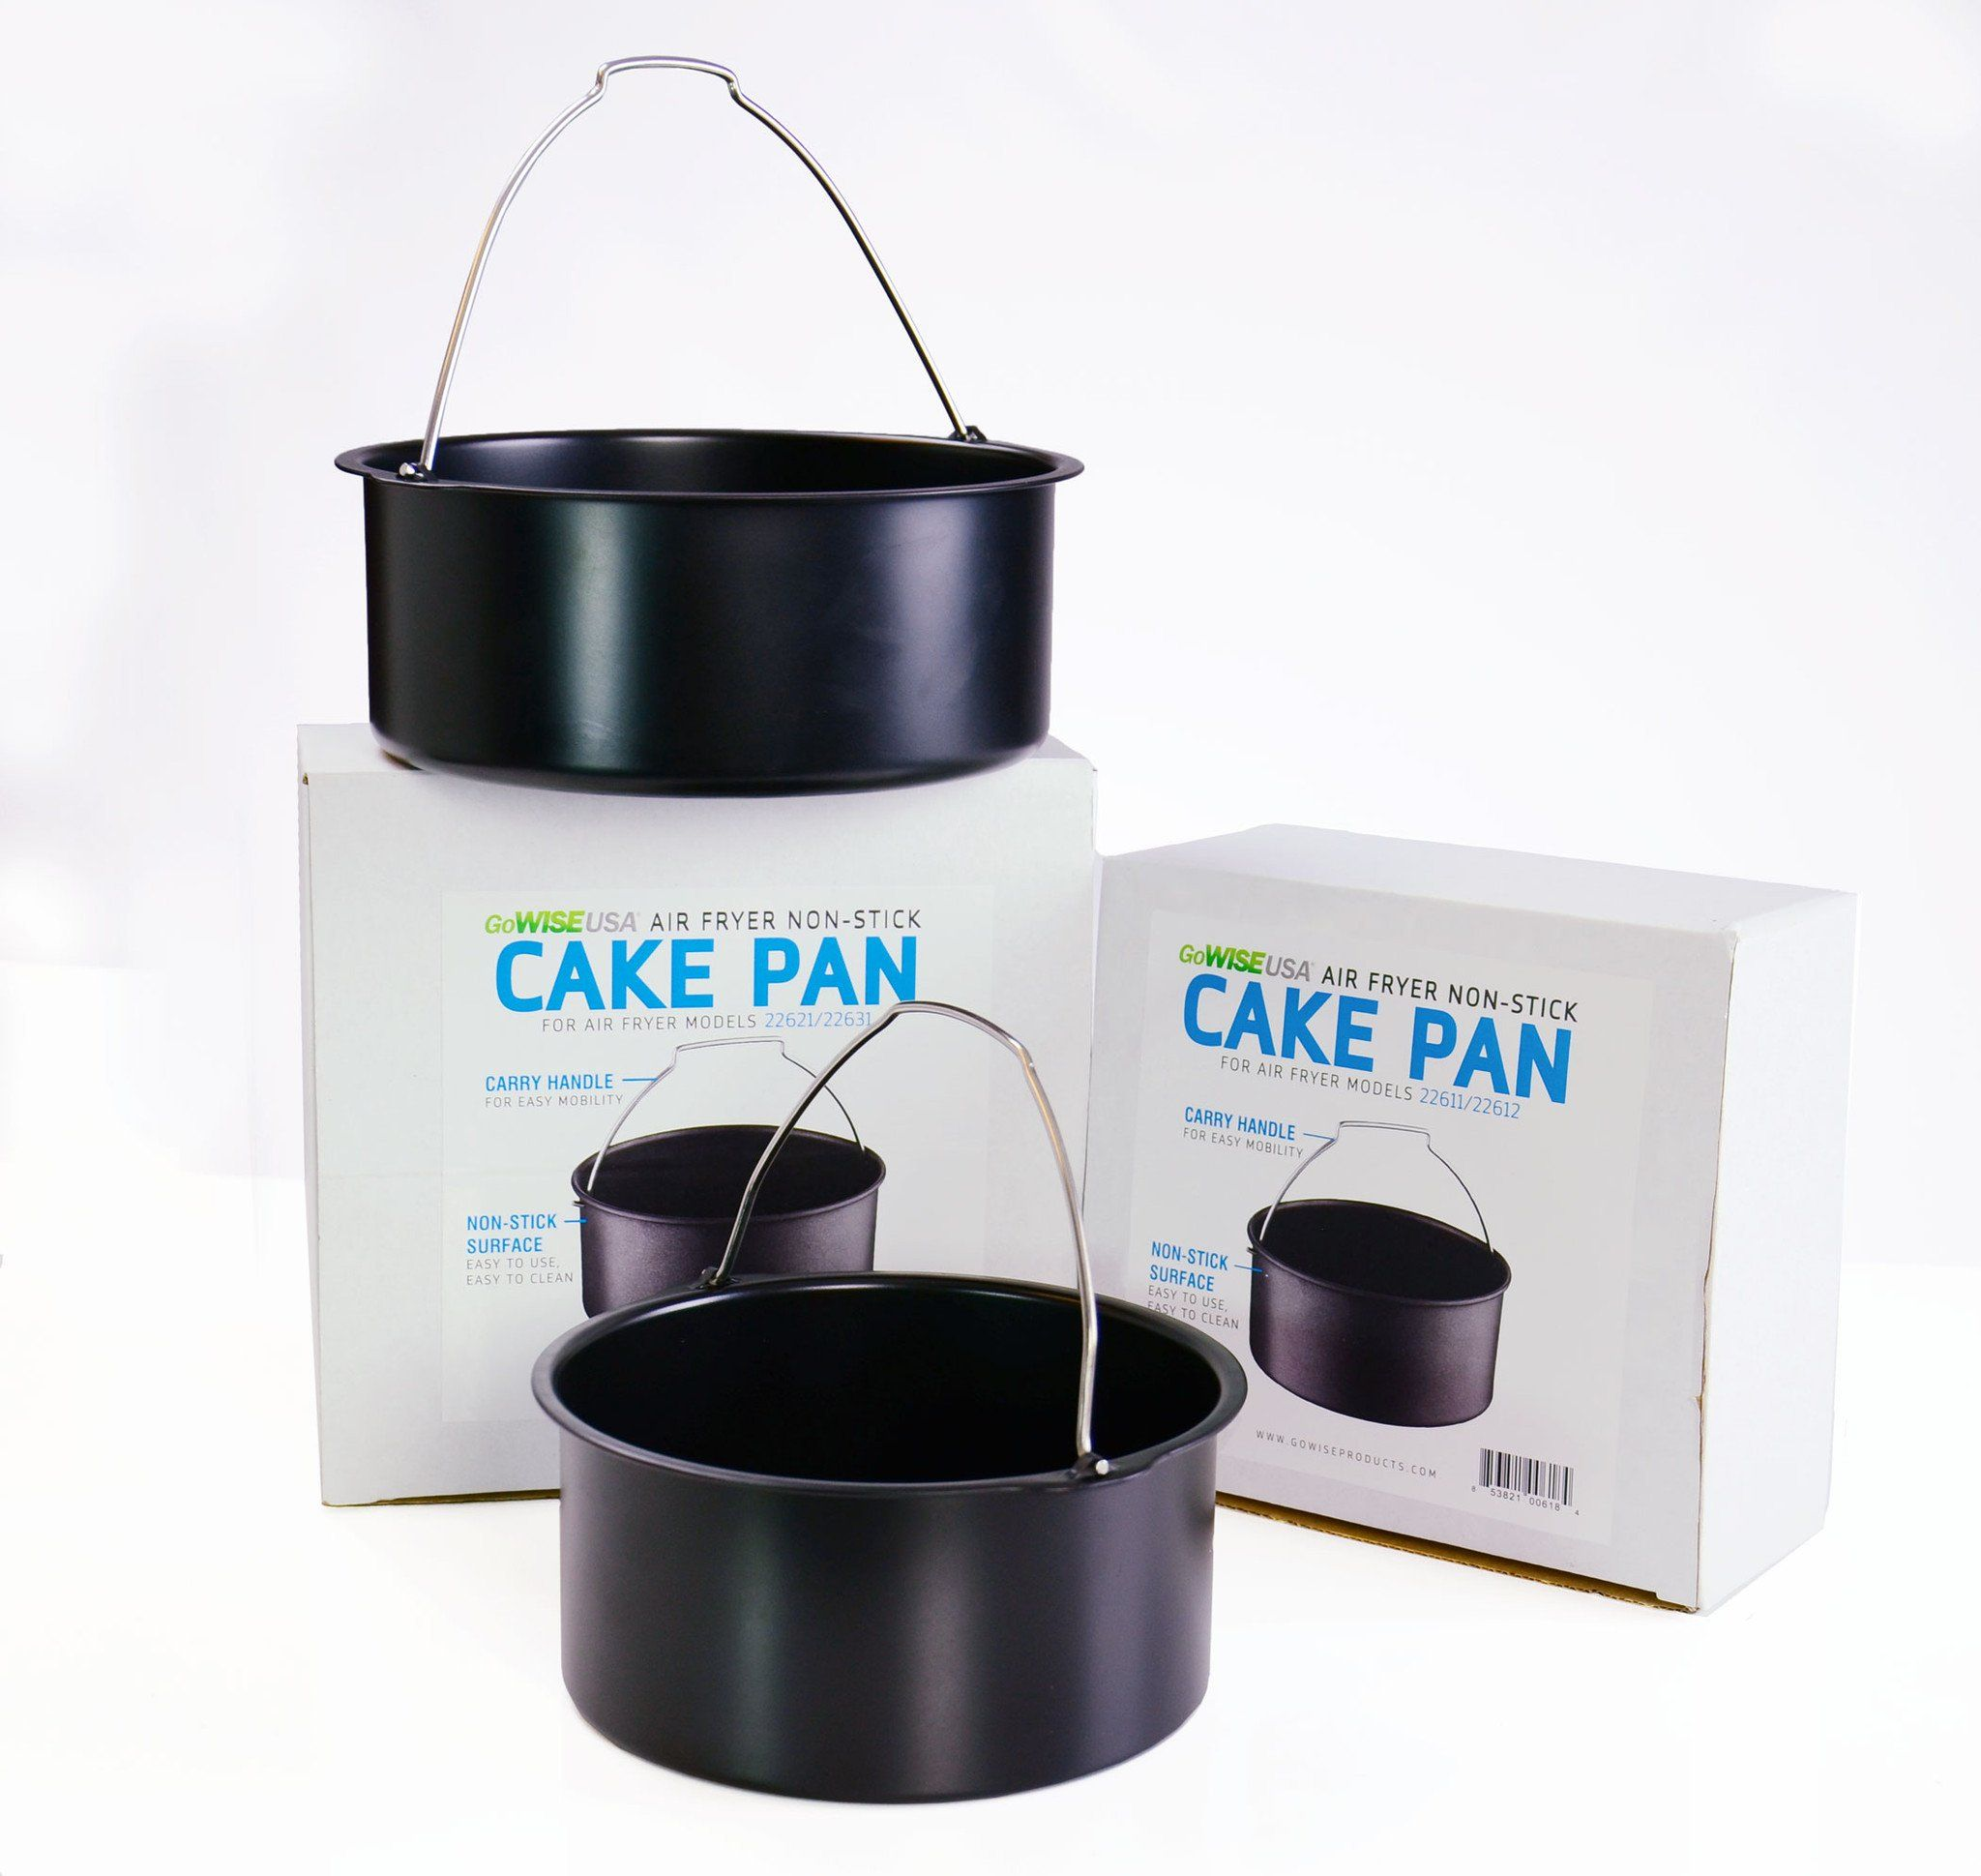 Air Fryer NonStick Cake Baking Pan Air fryer cooker